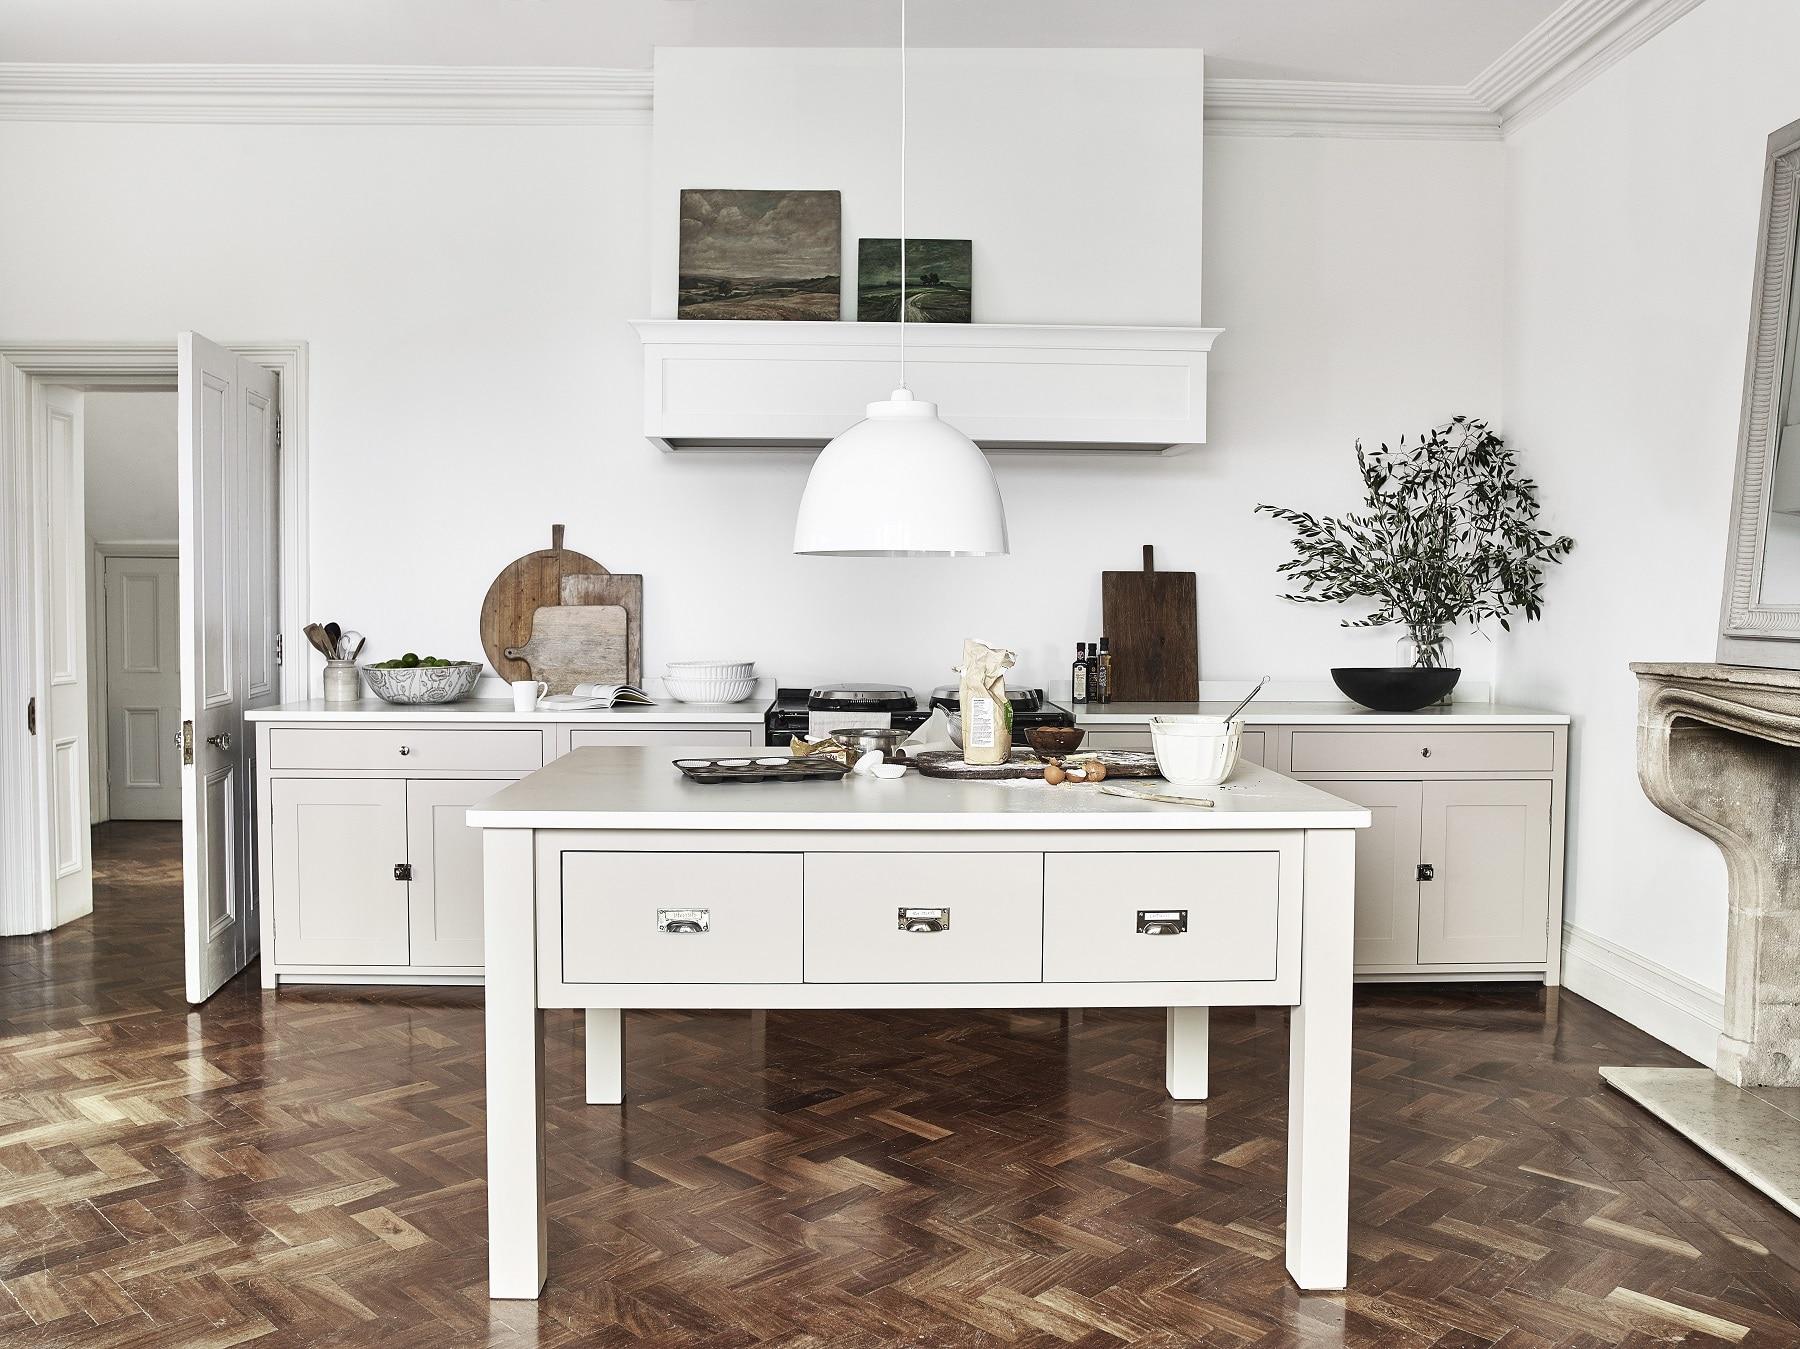 Neptune Home Hamburg präsentiert keine Einzelmöbel, sondern ganze Wohnräume: Von Küche über Schlafzimmer bis hin zu Wohnzimmer kann der Kunde den britischen Landhausstil erkunden. (Foto: Neptune)